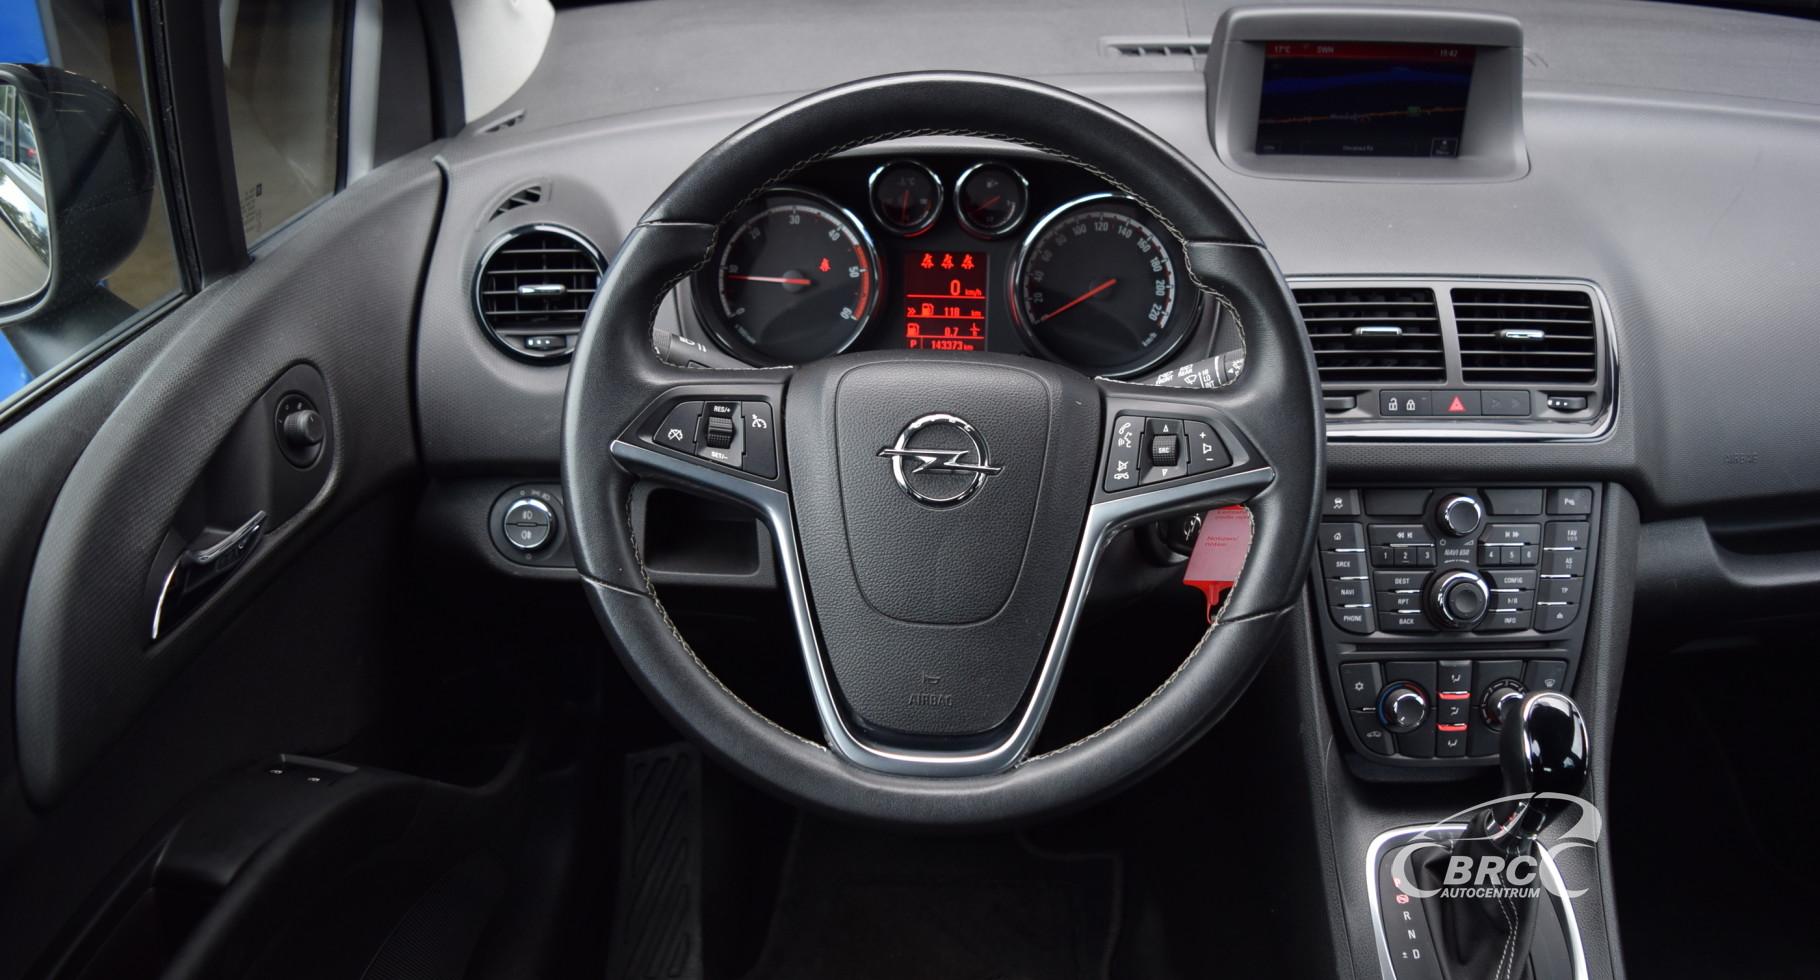 Opel Meriva CDTi A/T